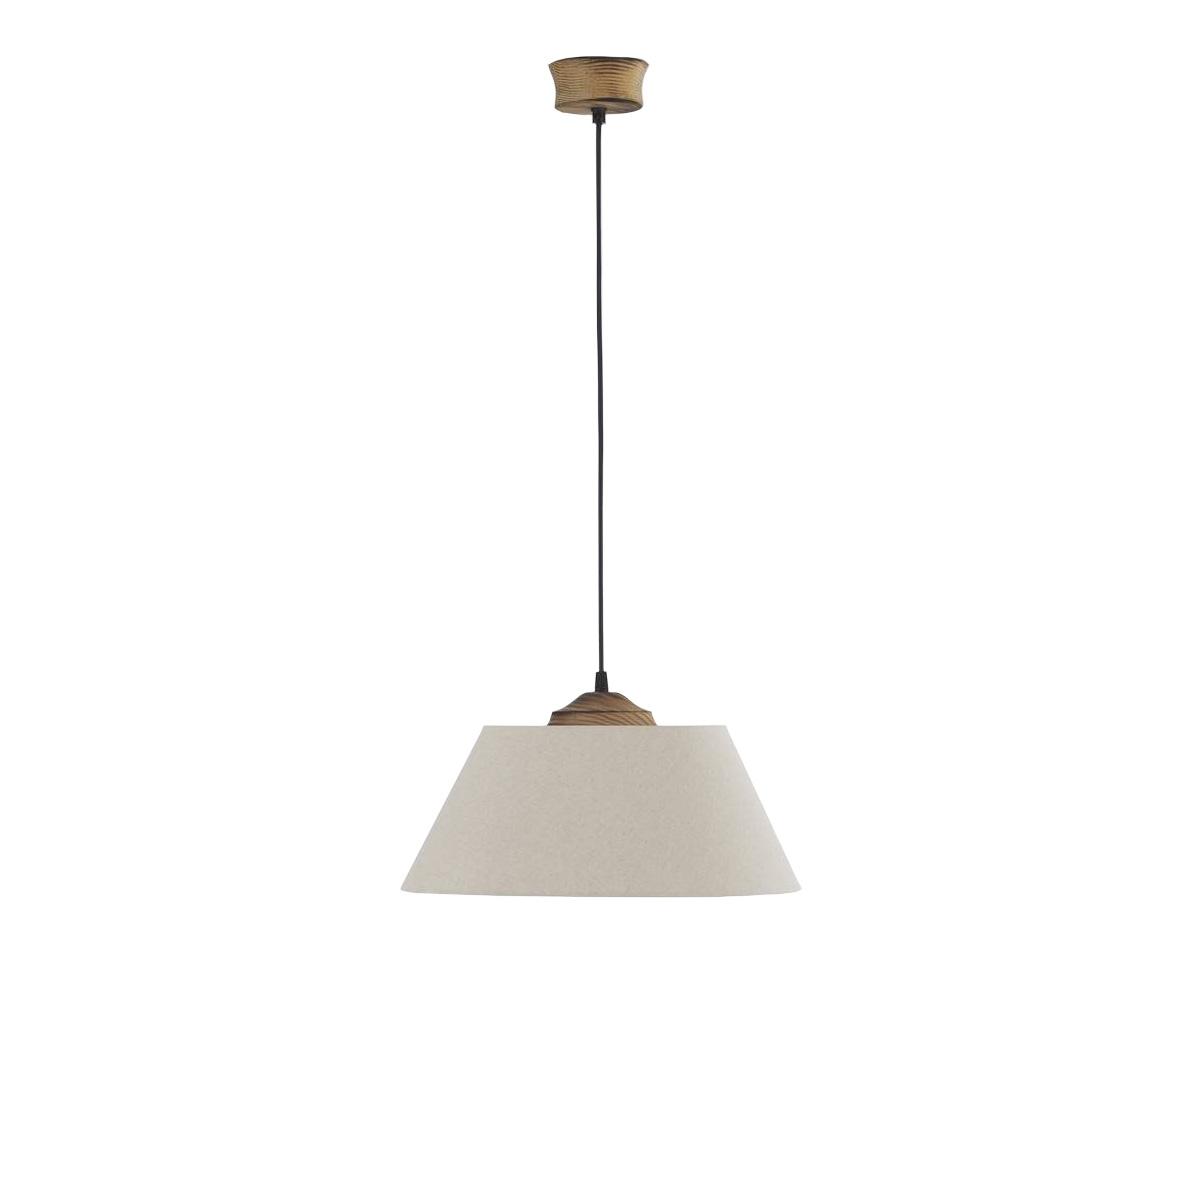 Φωτιστικό υφασμάτινο BAMBOO fabric pendant lamp